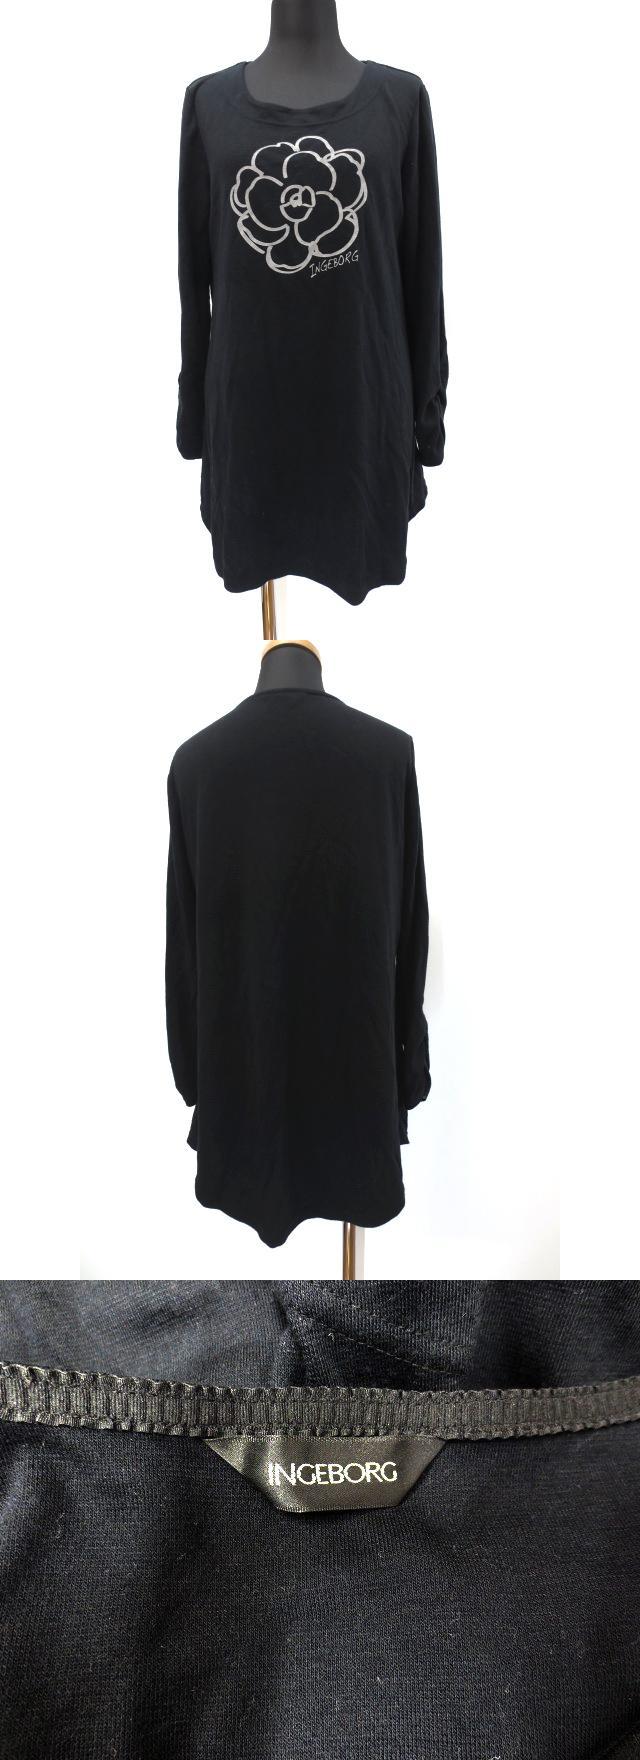 フラワープリント プルオーバー Tシャツ チュニック ワンピース 9 ブラック 春秋